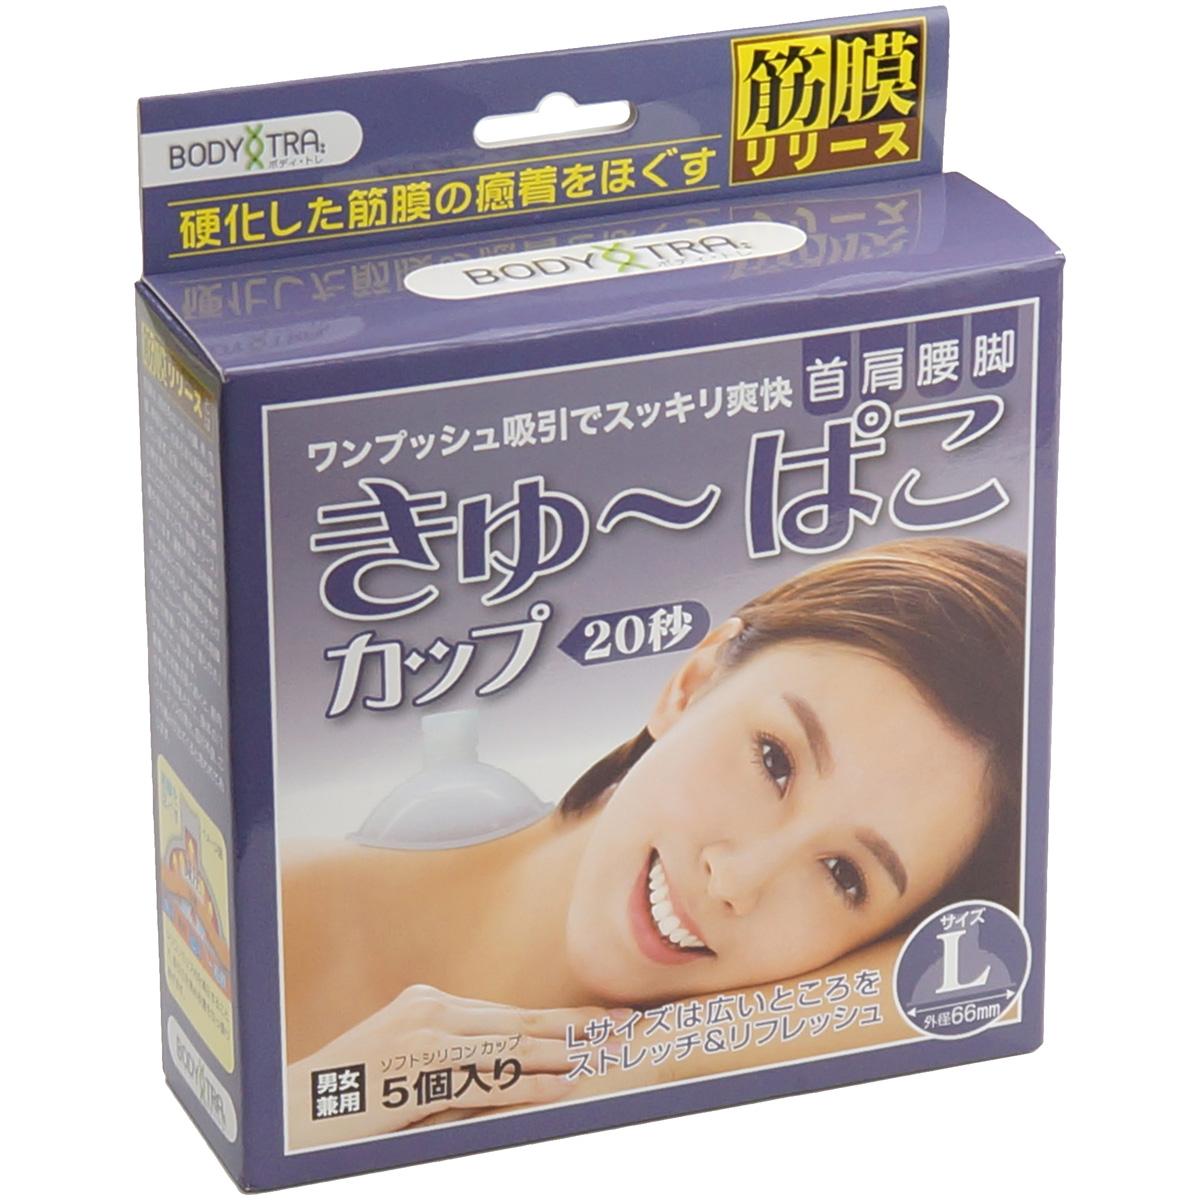 Bodyトレ 筋膜リリース フォームシリコンカップ きゅ~ぱこカップ